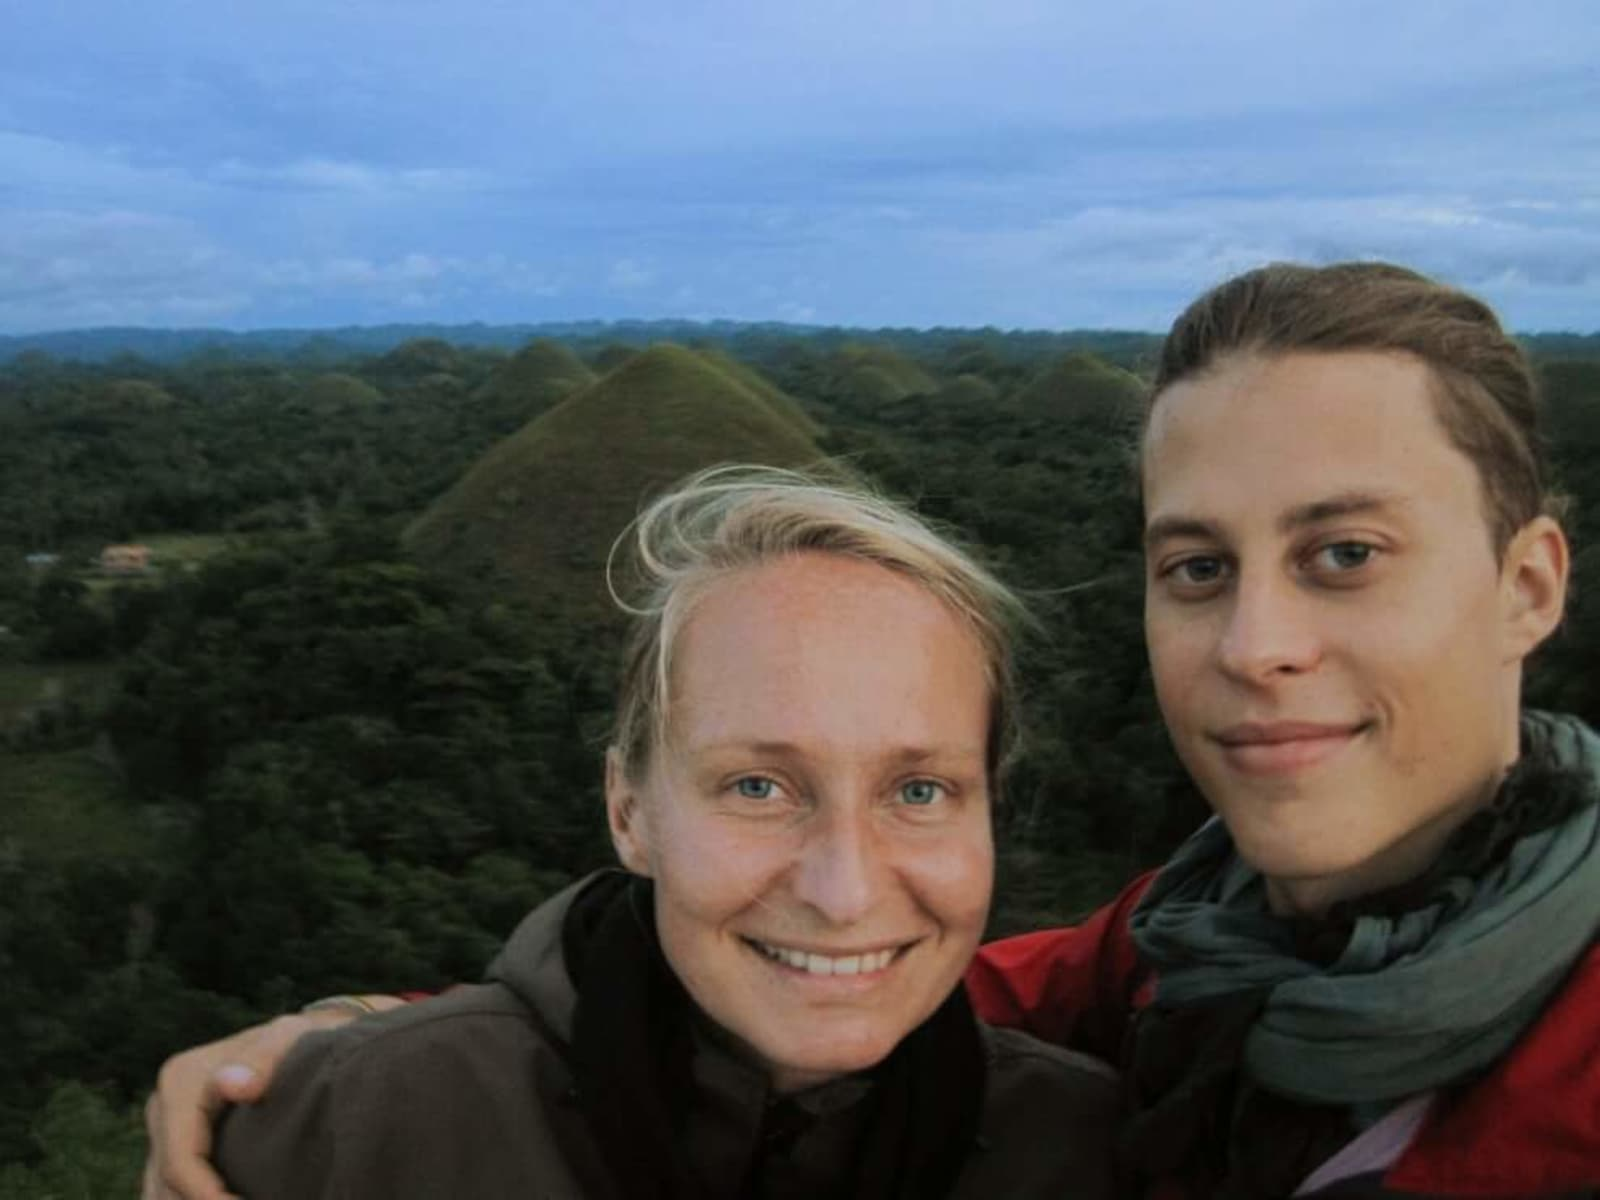 Theresa & Julian from Passau, Germany